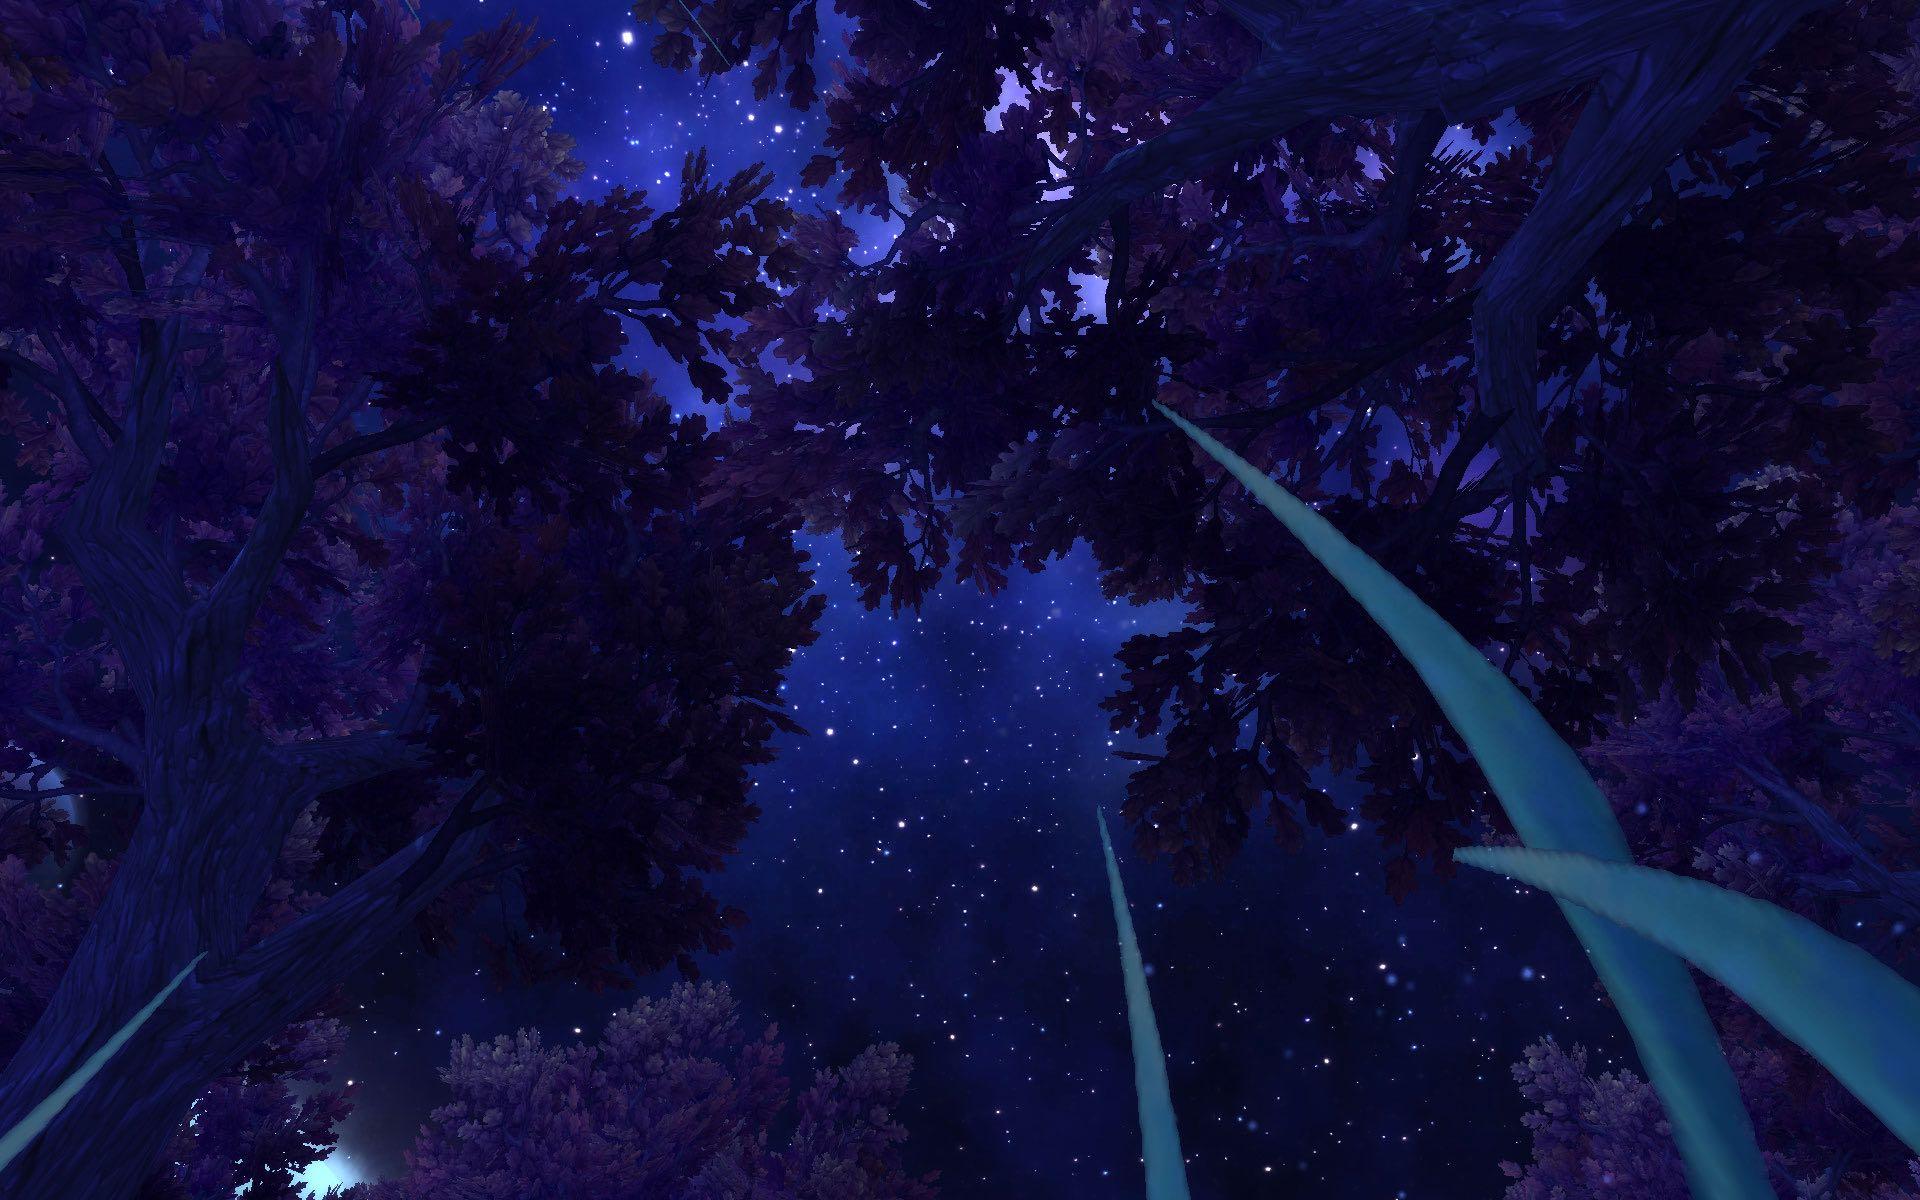 回影月谷做左侧地图的任务时看到满天繁星